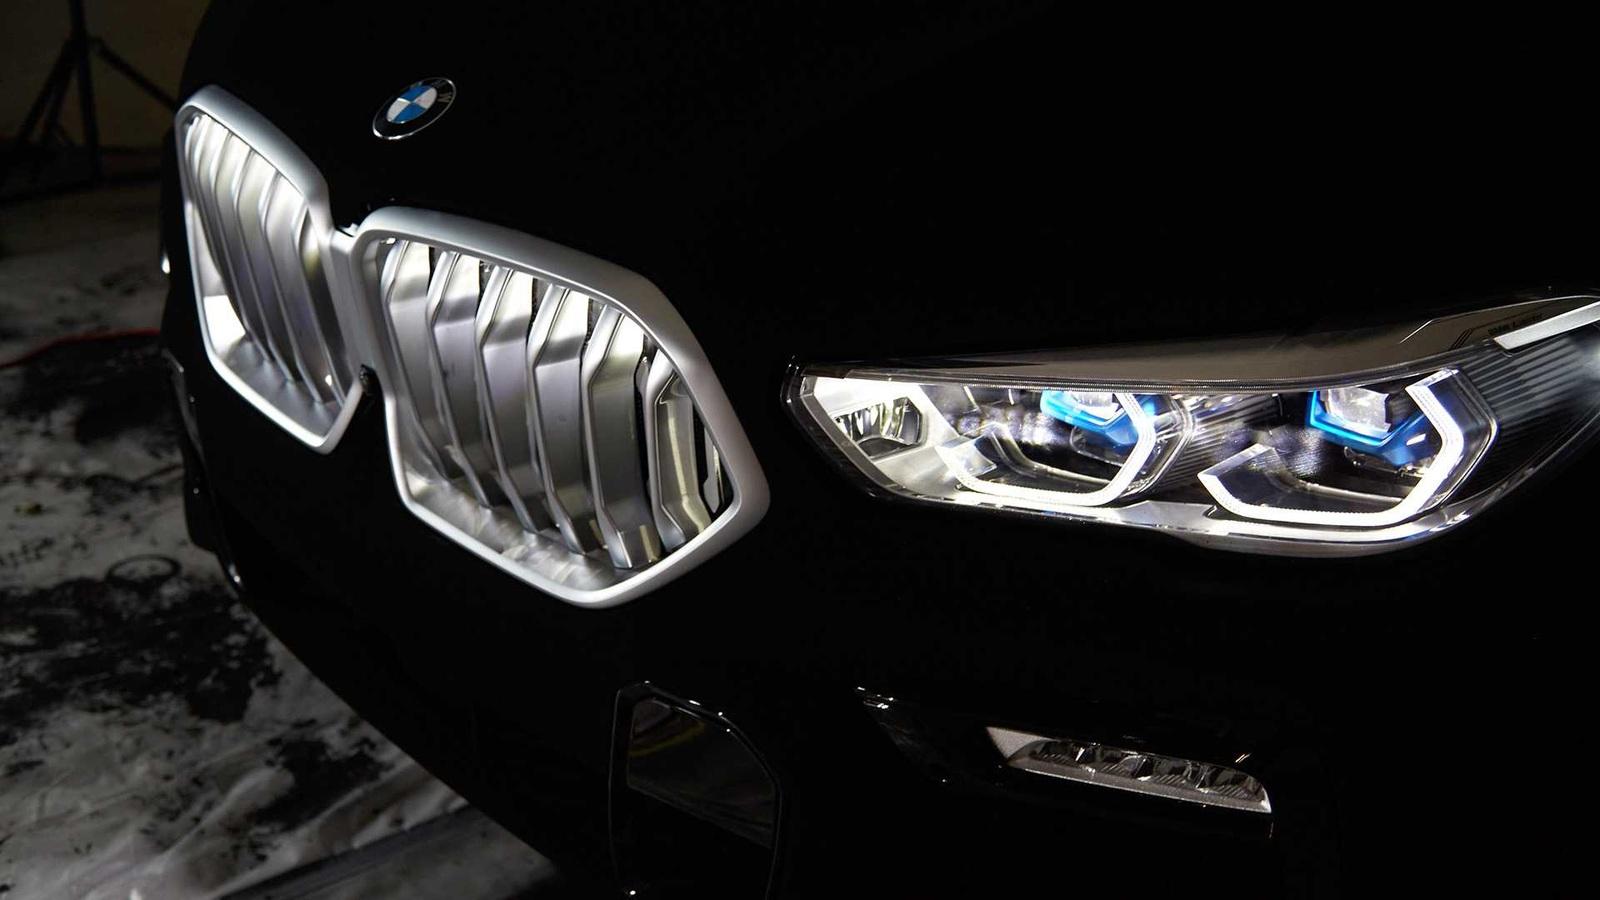 Чернее некуда: новый BMW X6 окрасили в самый черный цвет в природе